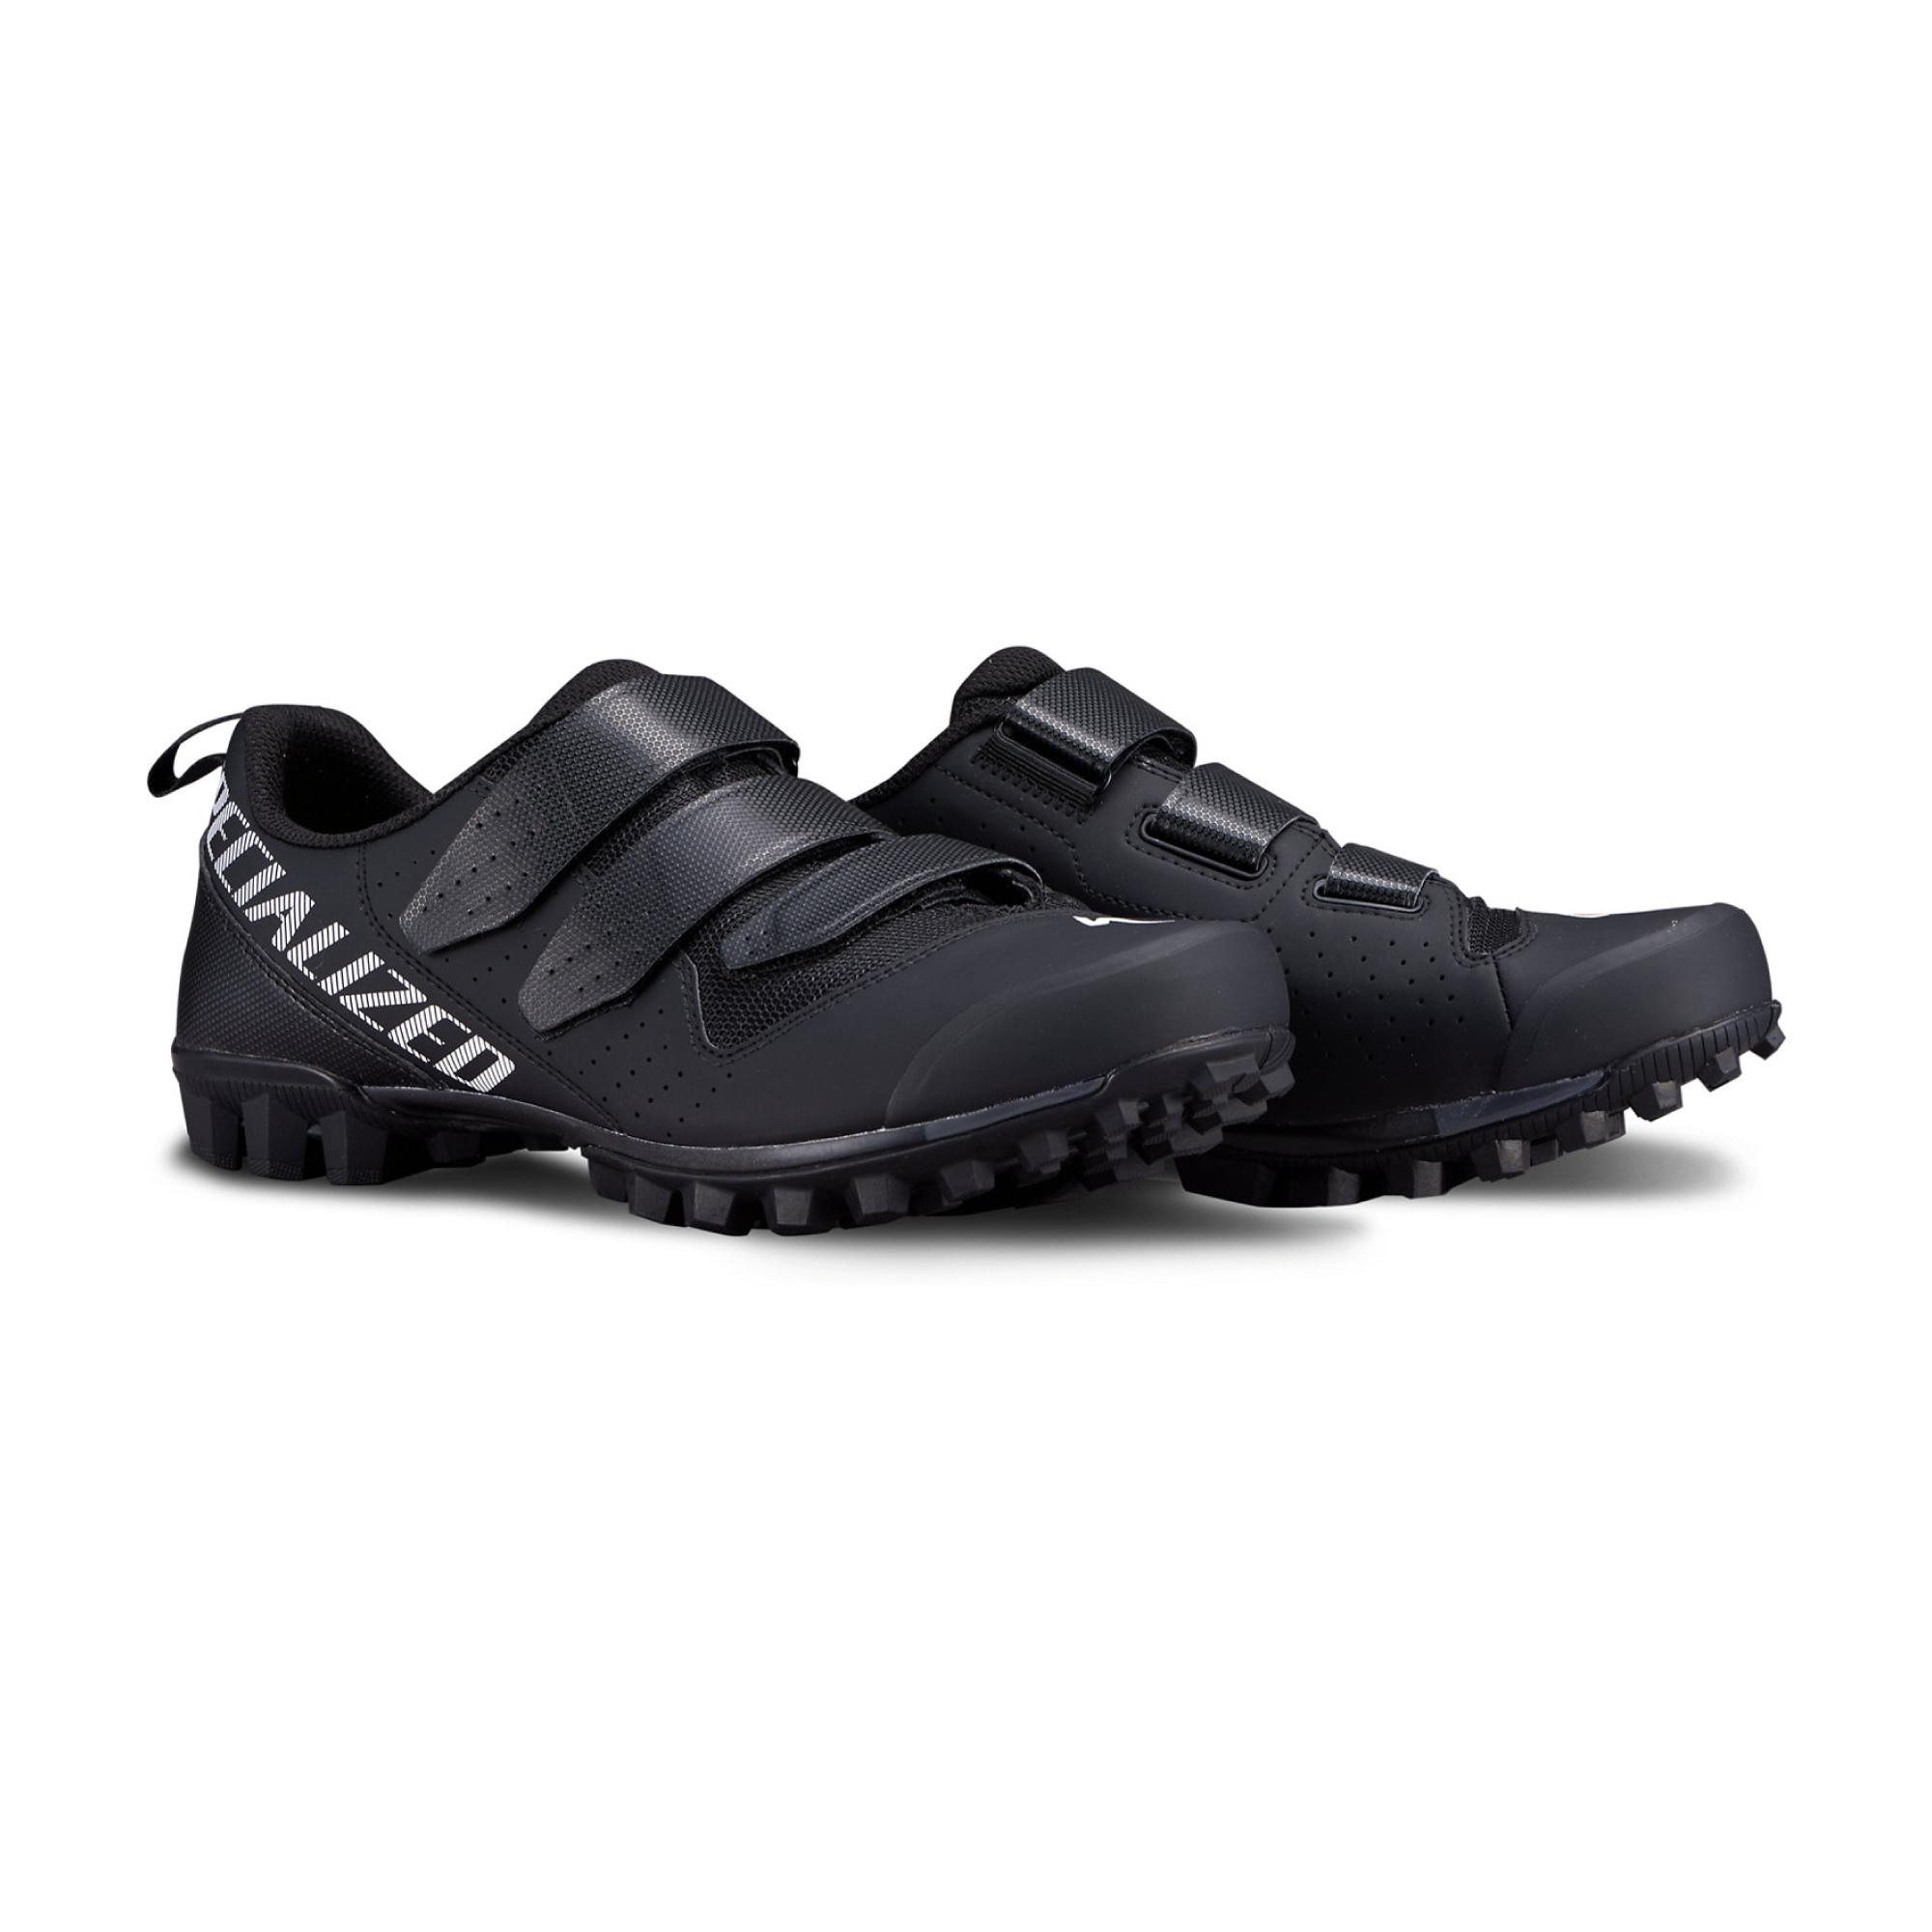 Recon 1.0 MTB Shoe-5